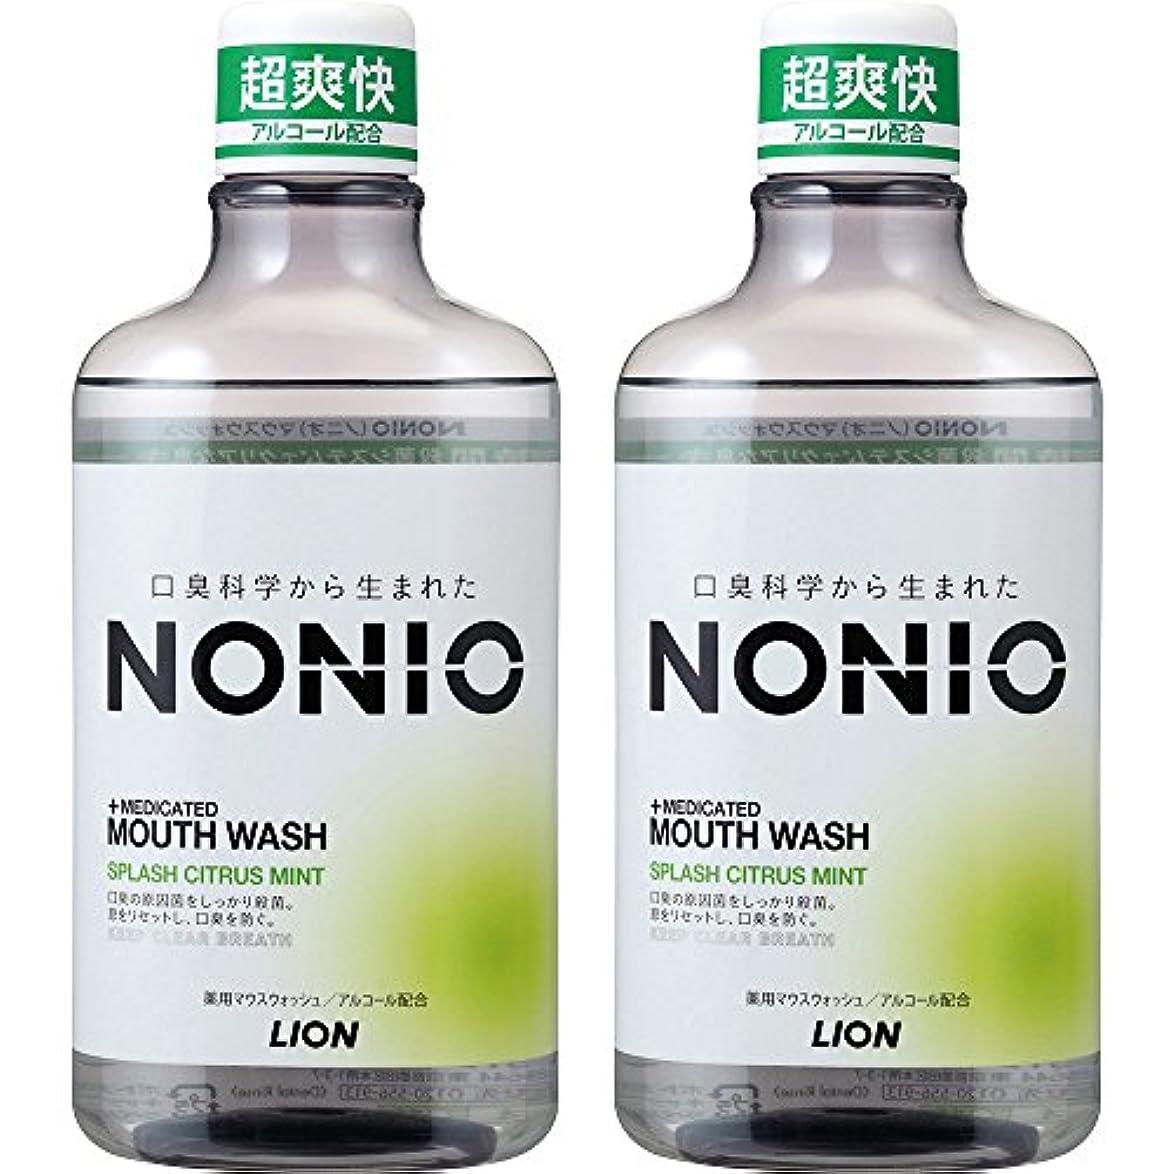 ファーザーファージュリングレット姪[医薬部外品]NONIO マウスウォッシュ スプラッシュシトラスミント 600ml×2個 洗口液